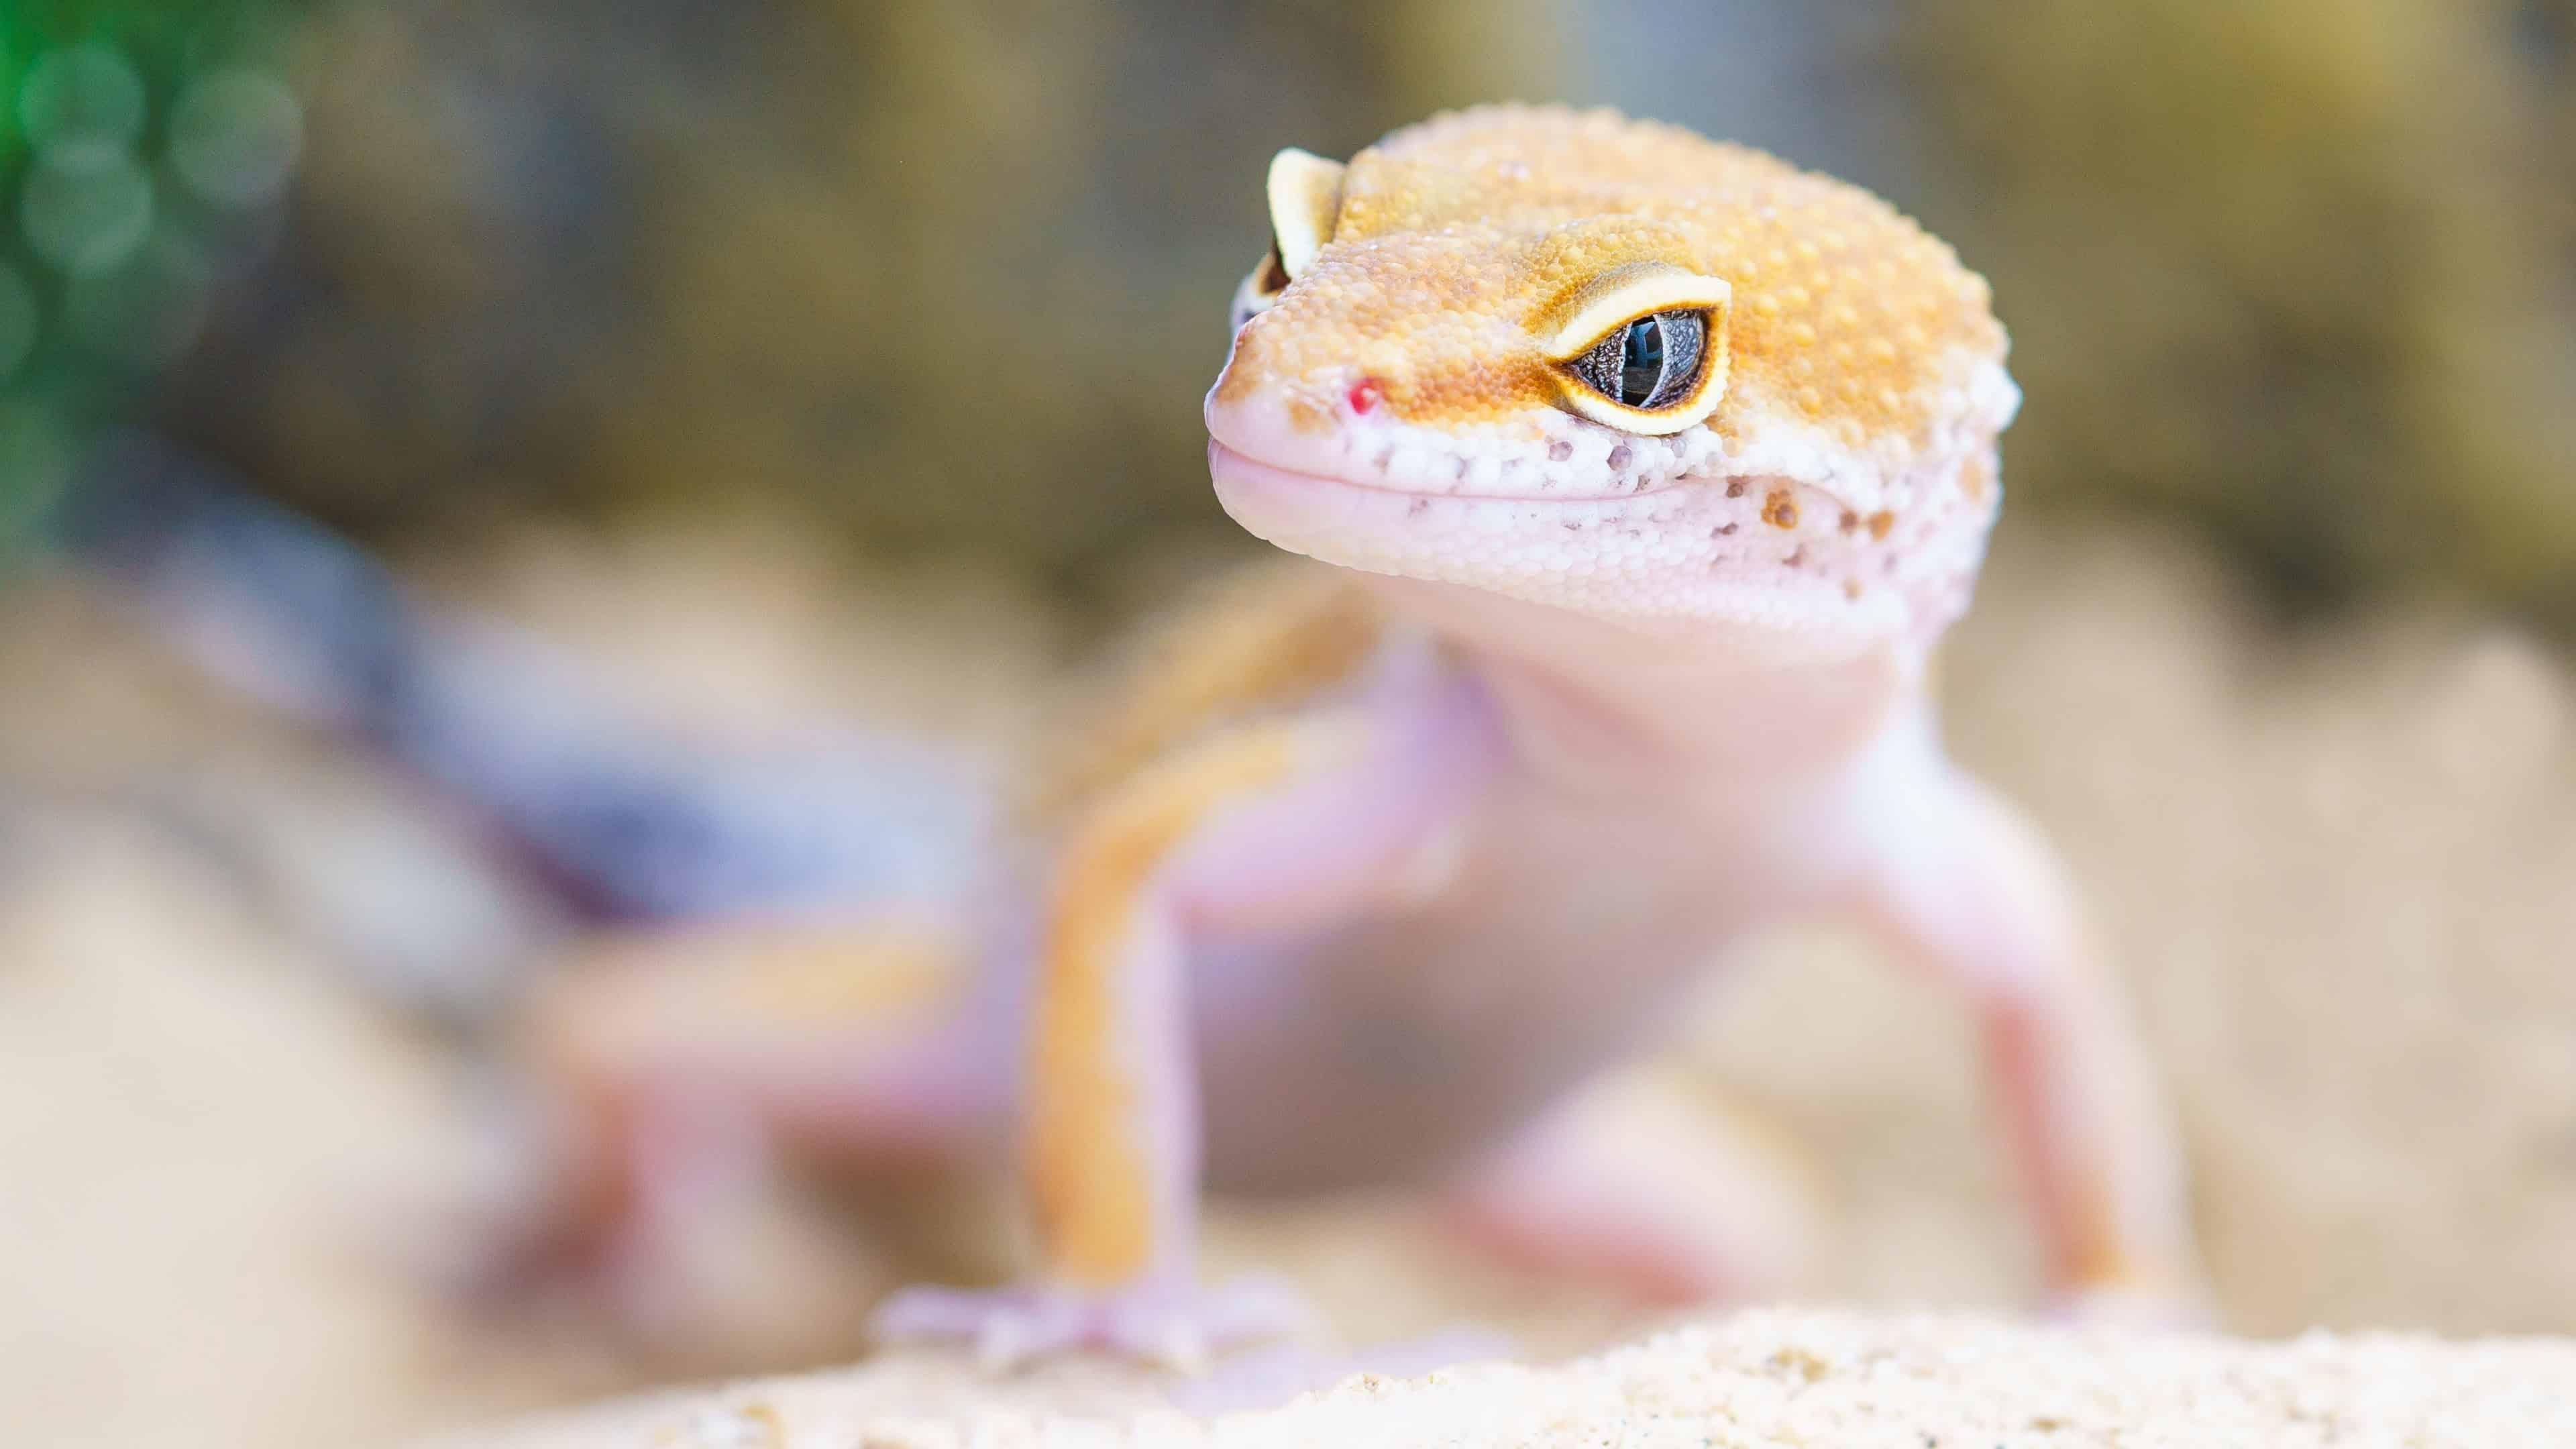 gecko lizard uhd 4k wallpaper